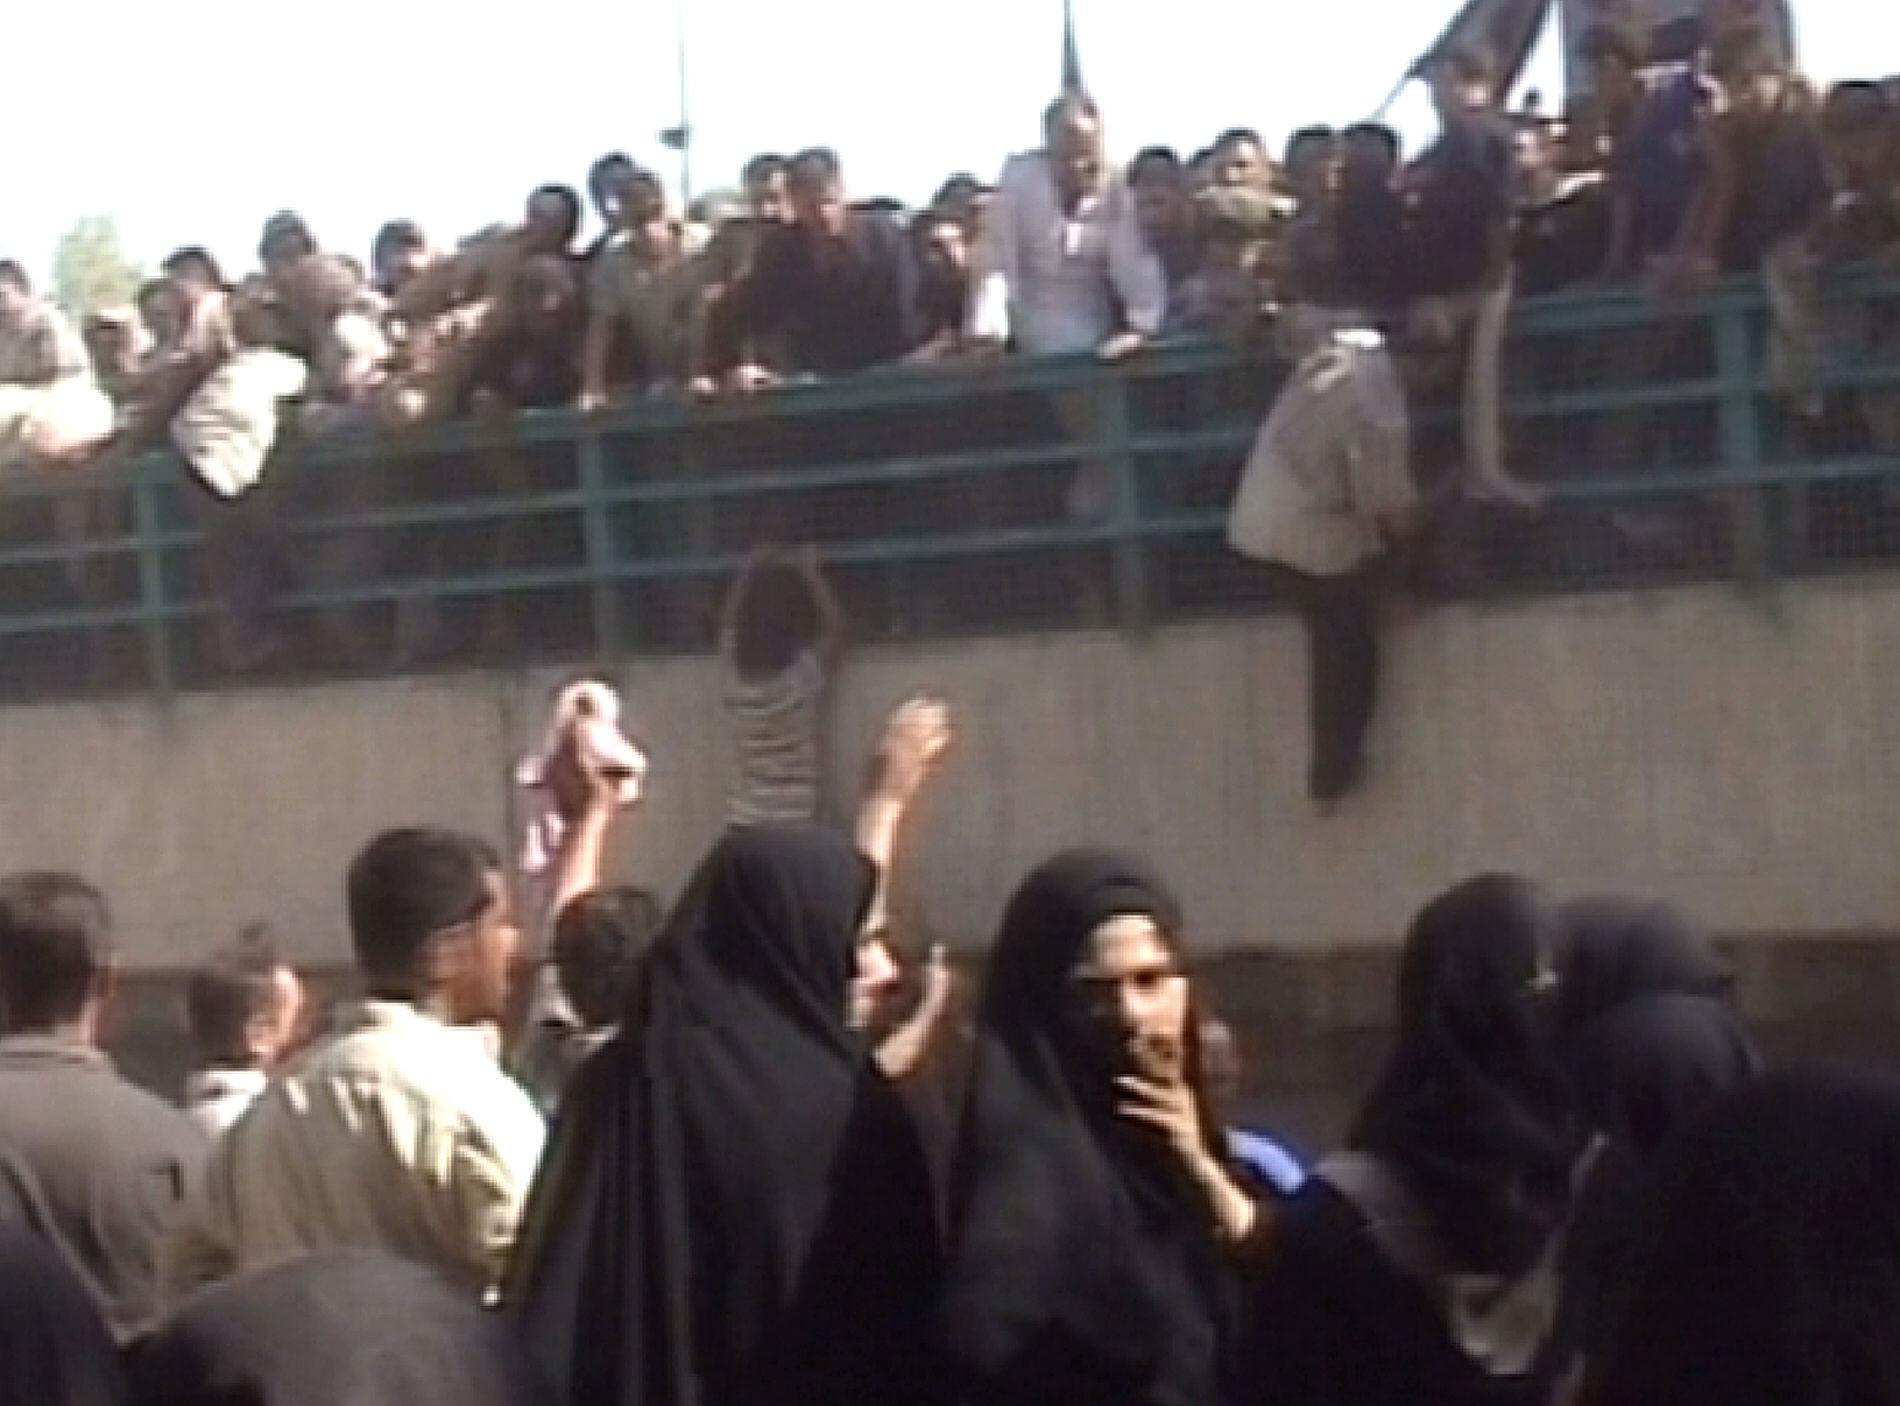 حادثة تدافع الزائرين على جسر الأئمة في 2005/وكالة الصحافة الفرنسية